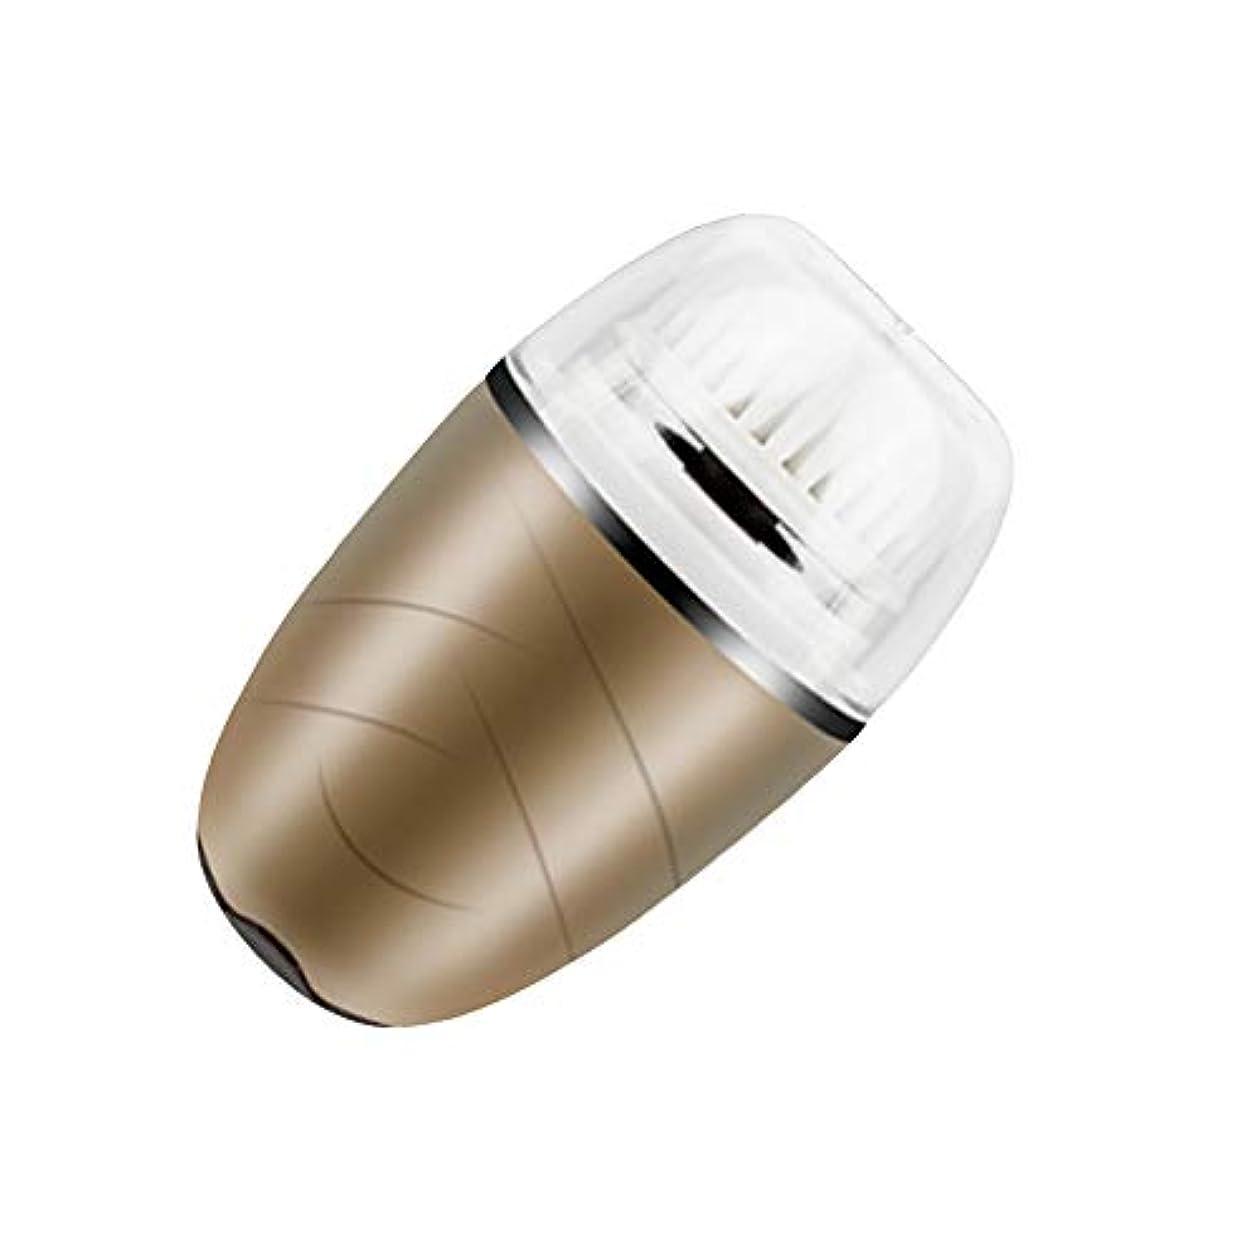 登録思いやりのある石鹸洗顔ブラシ、電動ソニックフェイスブラシ振動顔クレンジングシステム防水ブラシにきびエクスフォリエーター USB 充電式,Gold